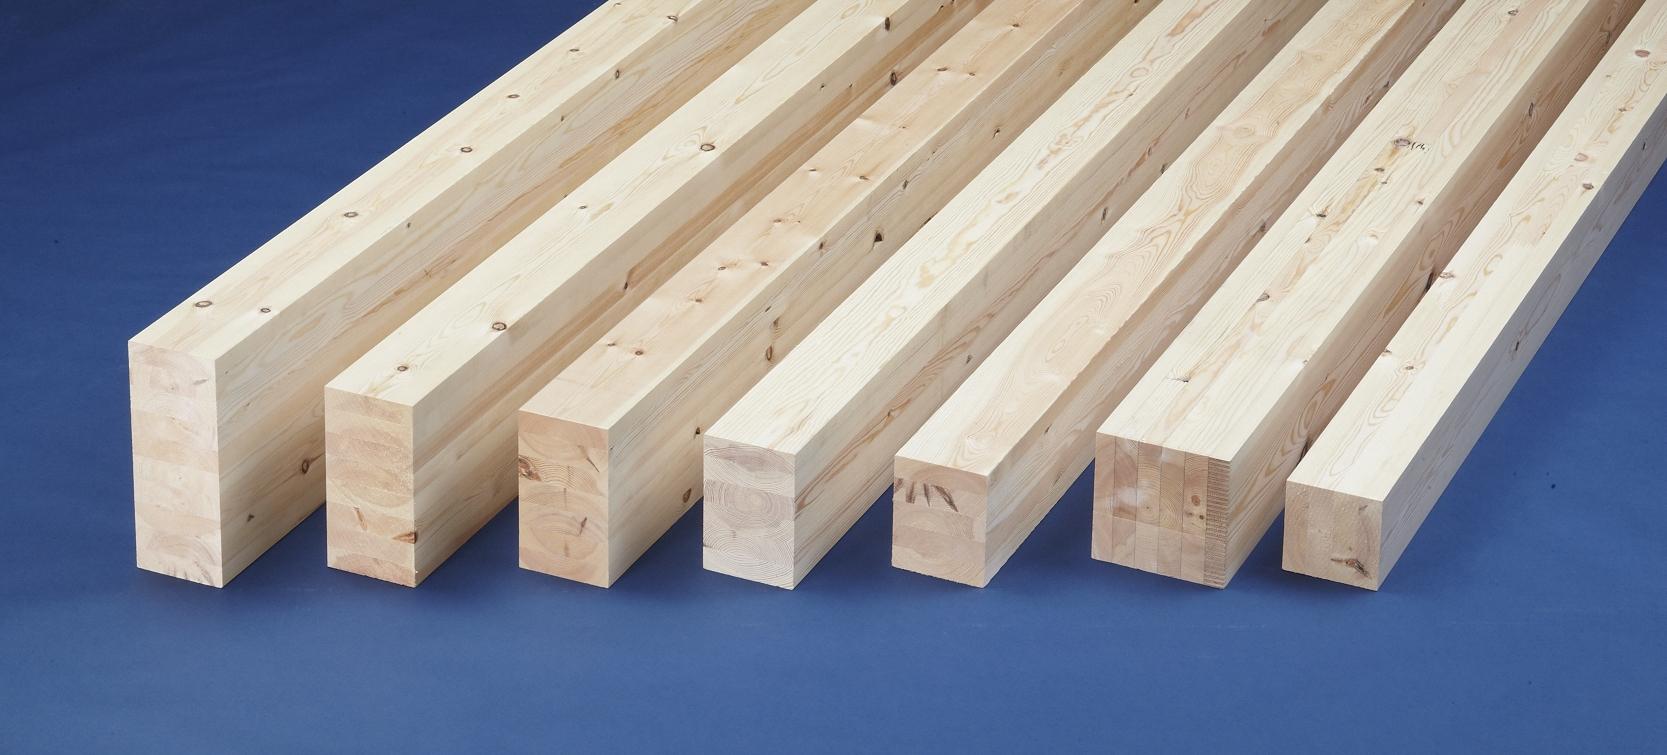 大規模木造では JAS構造材(構造用集成材)を使うべき理由